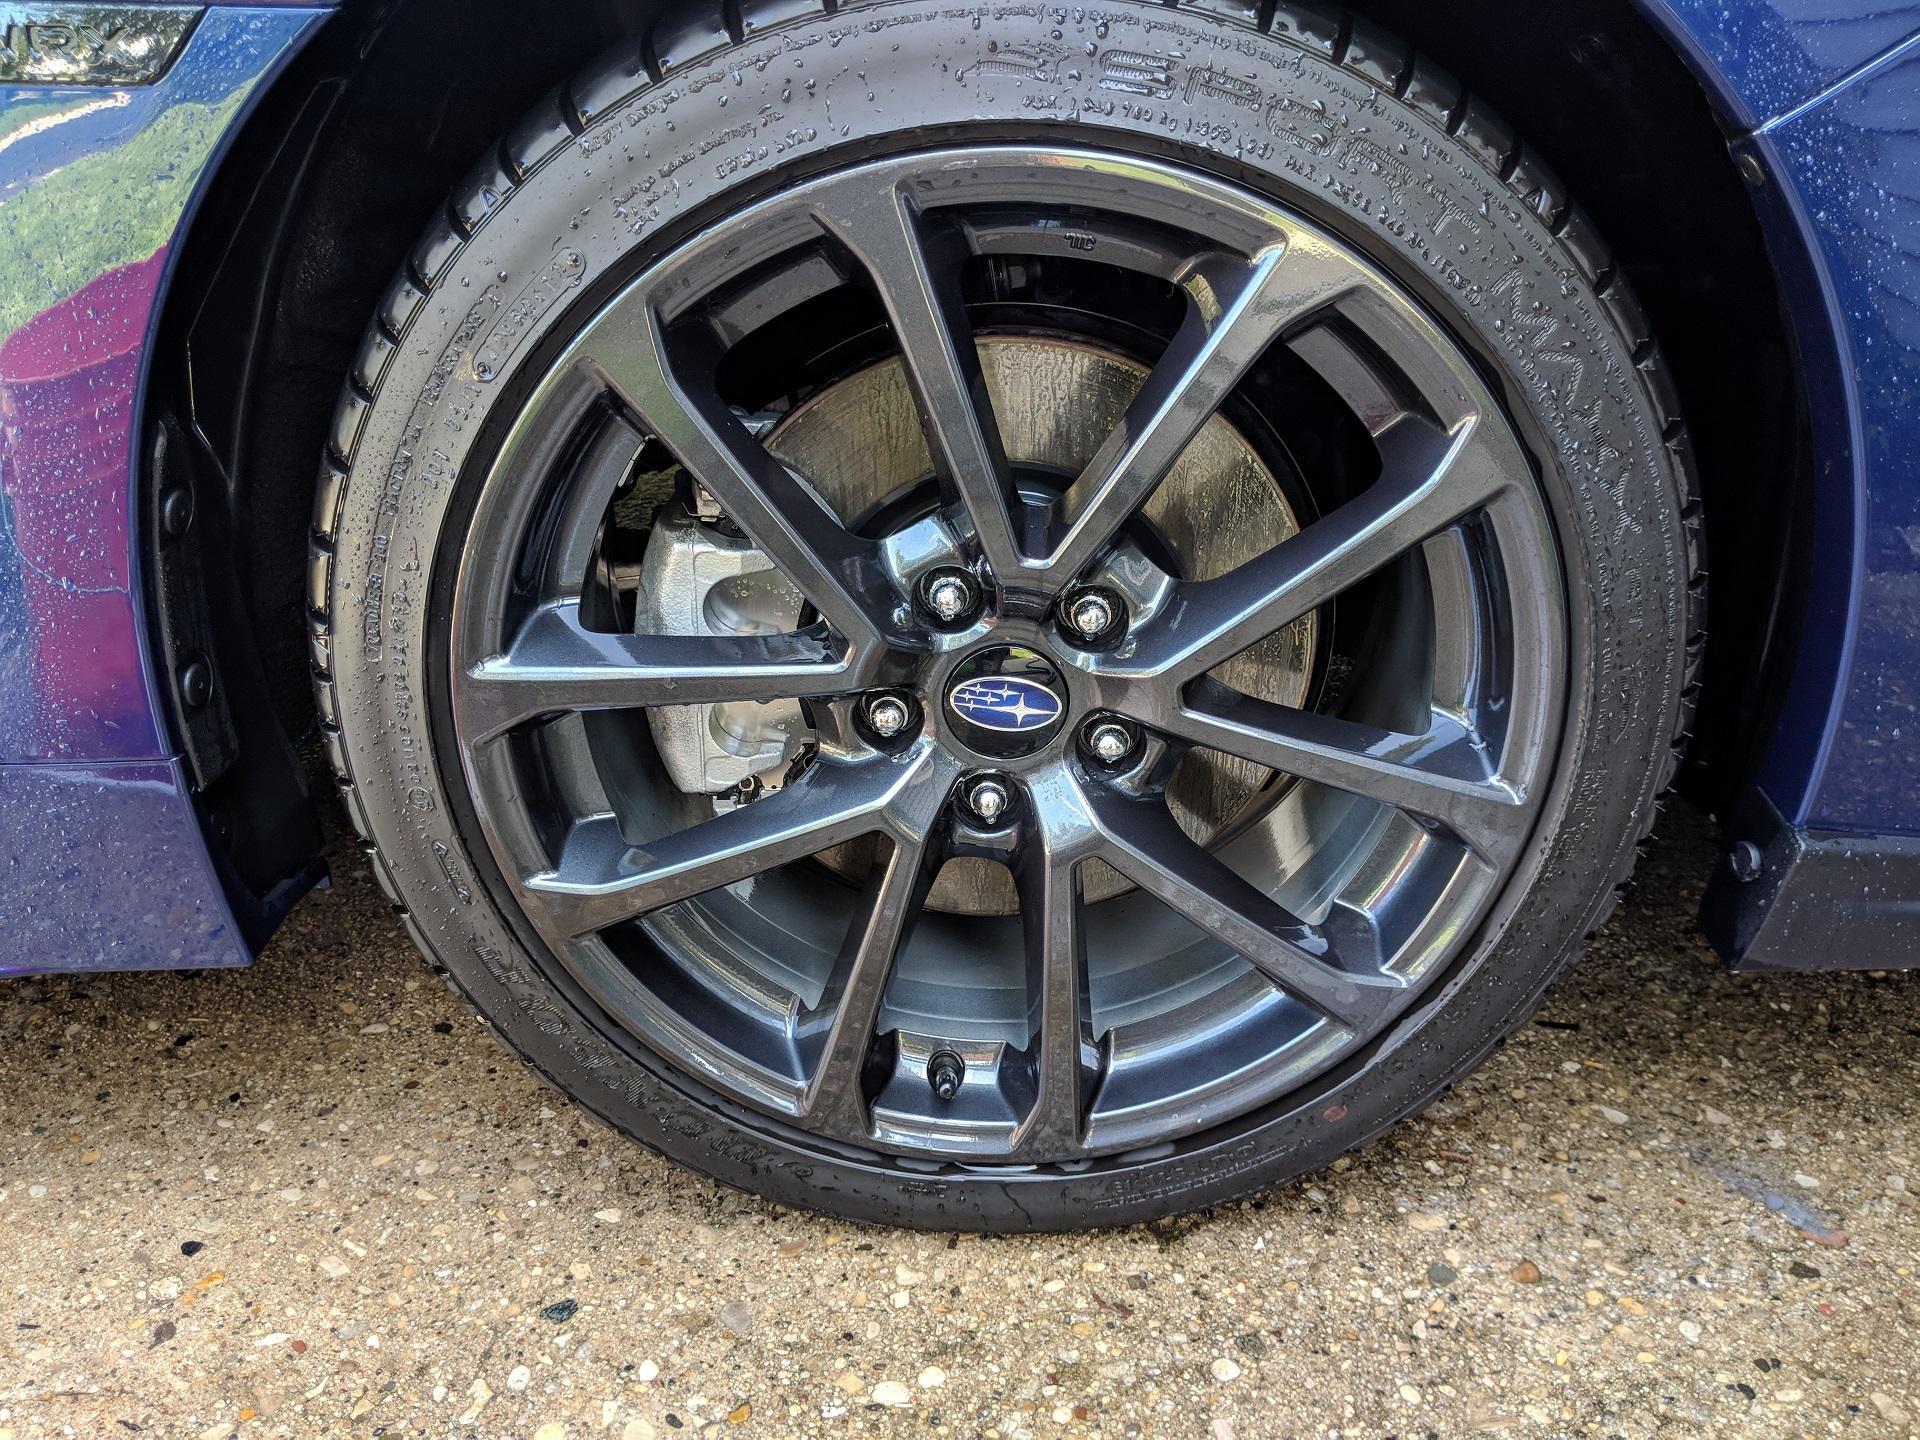 Wheel rinsed